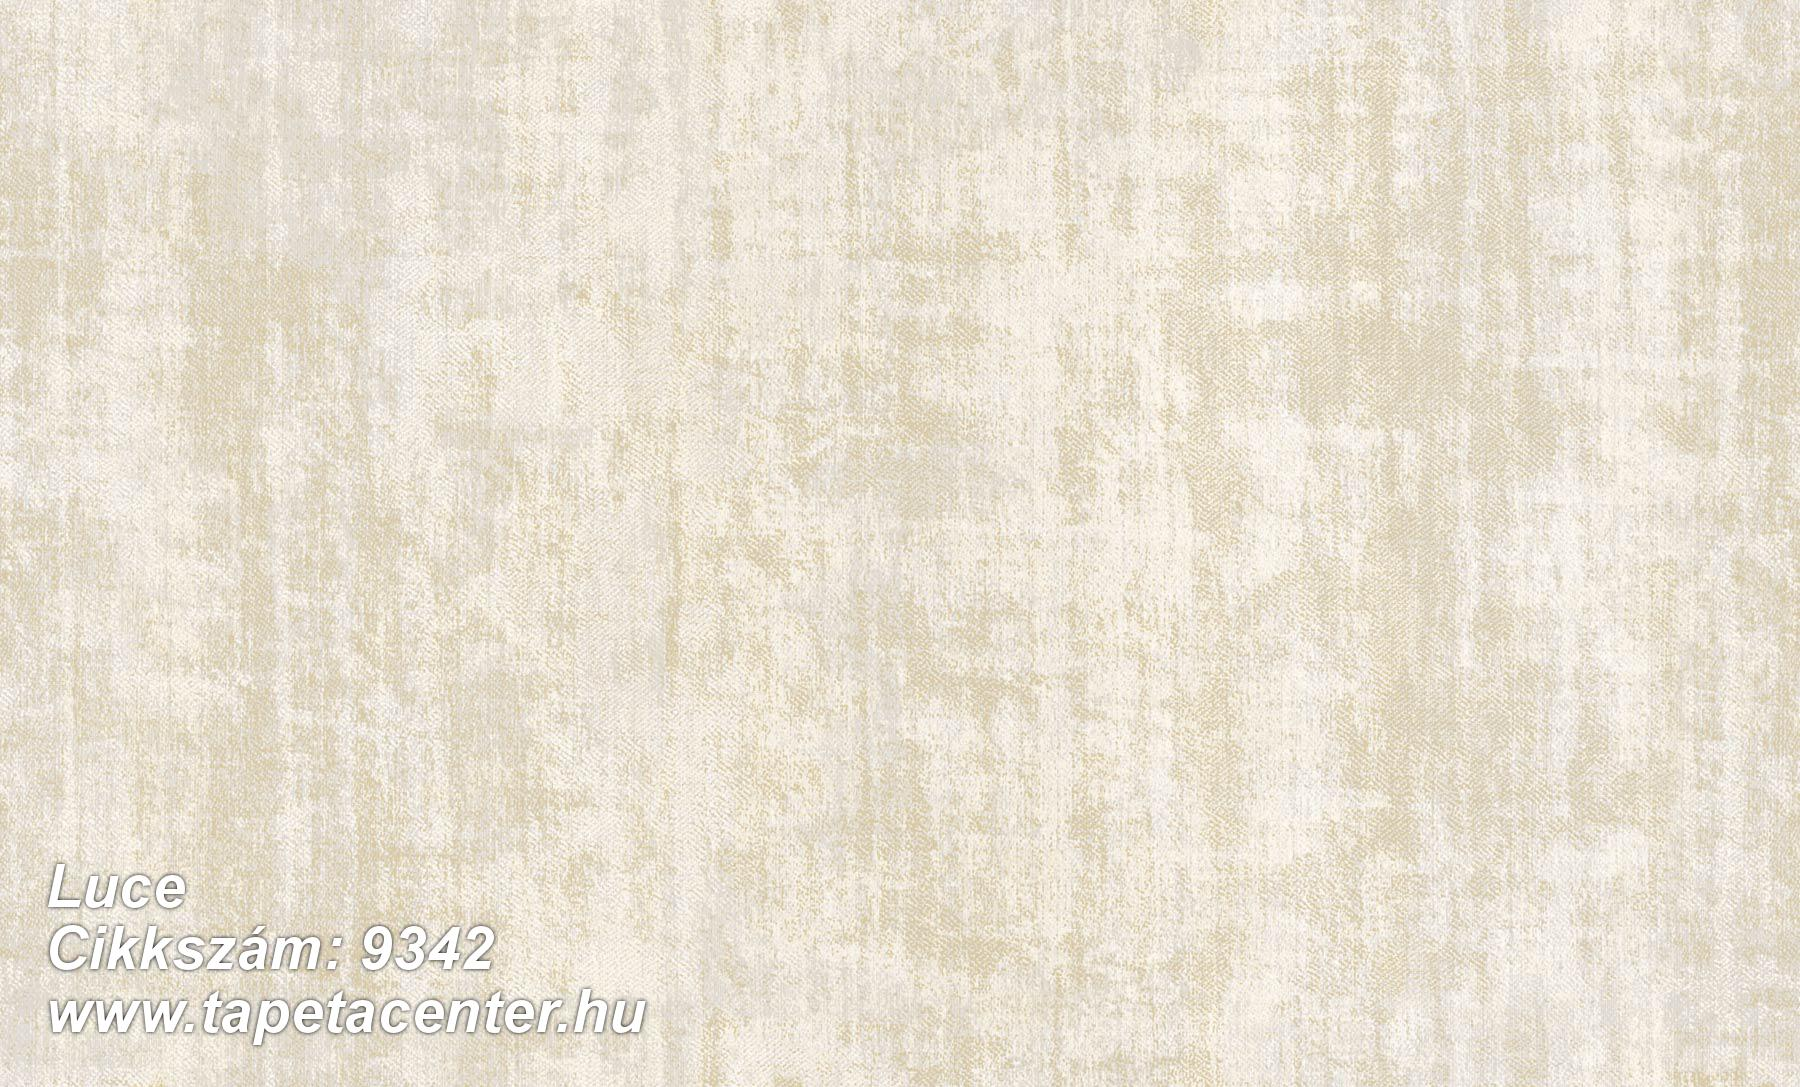 Luce - 9342 Olasz tapéta